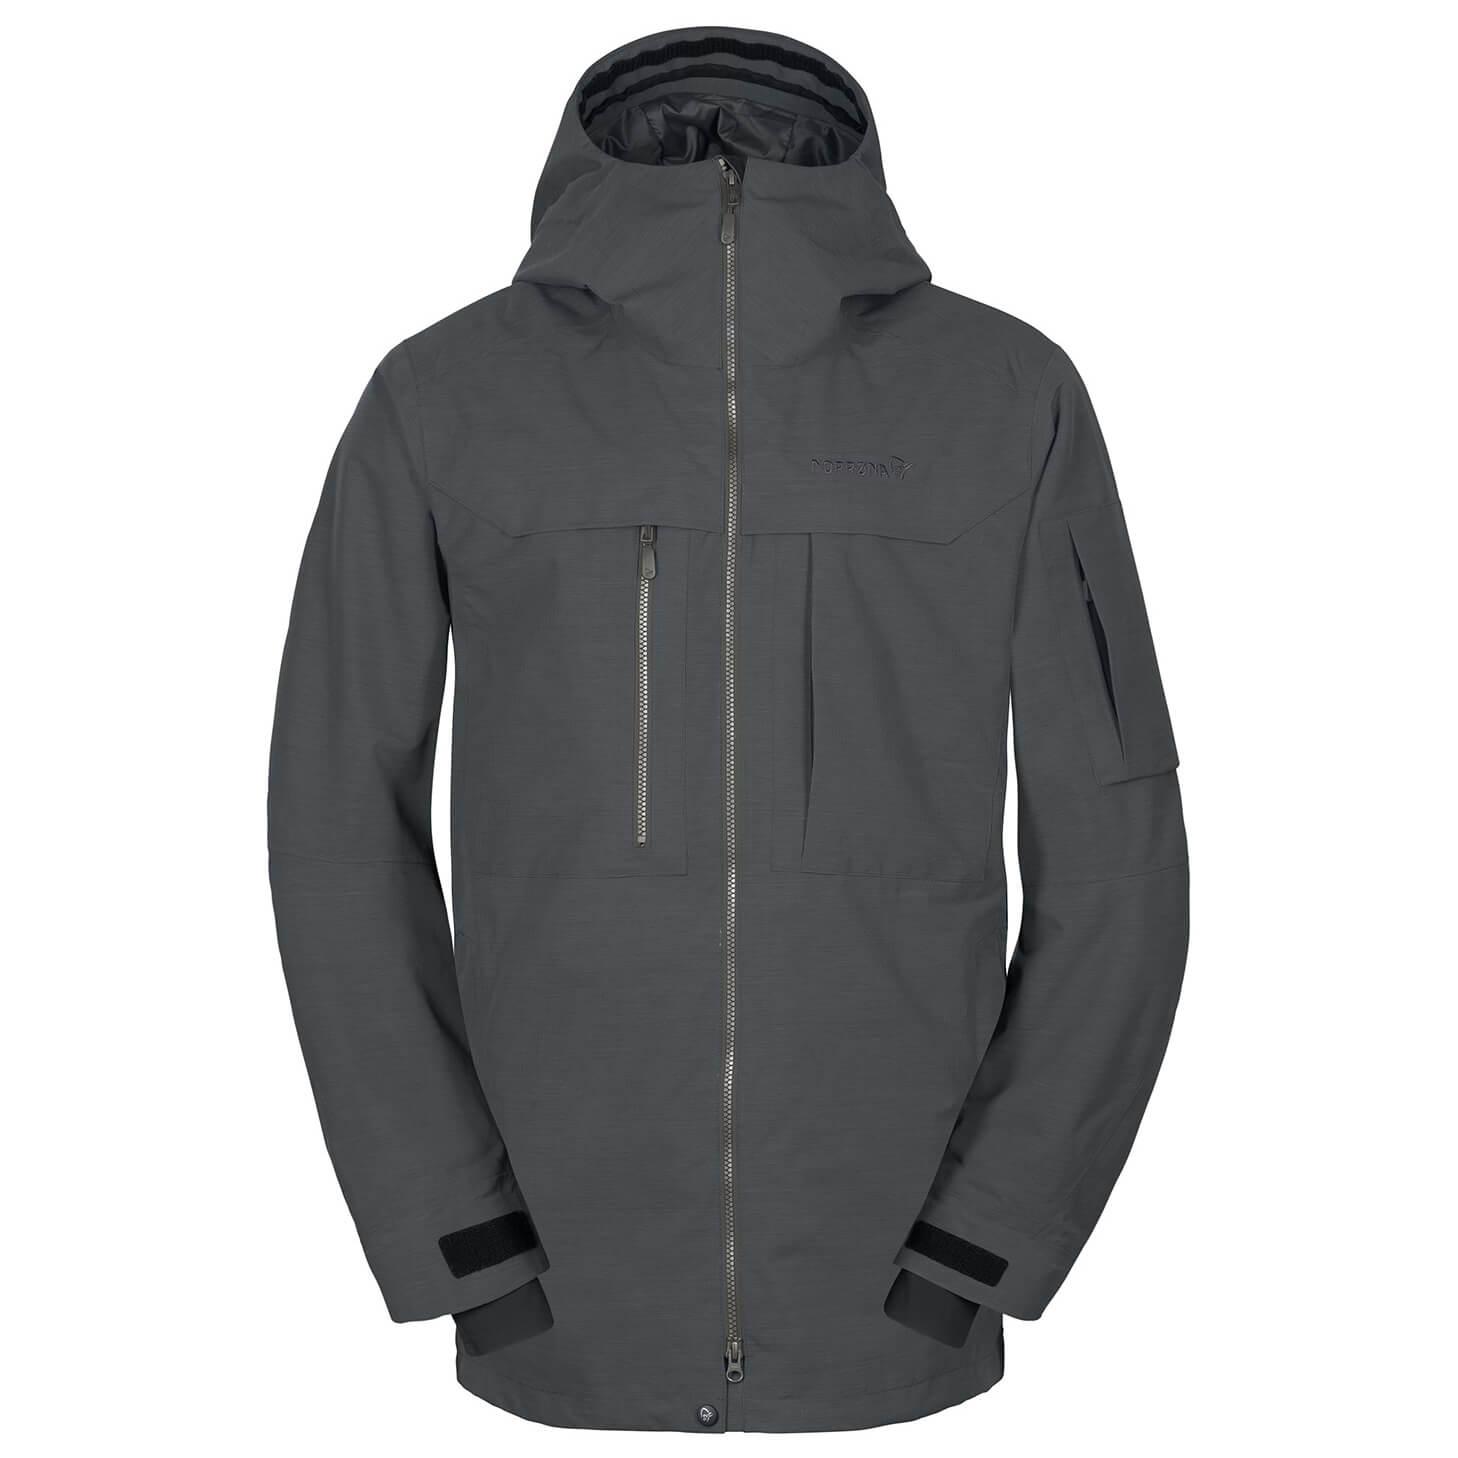 Norrøna Röldal Gore Tex Primaloft Jacket Ski jacket